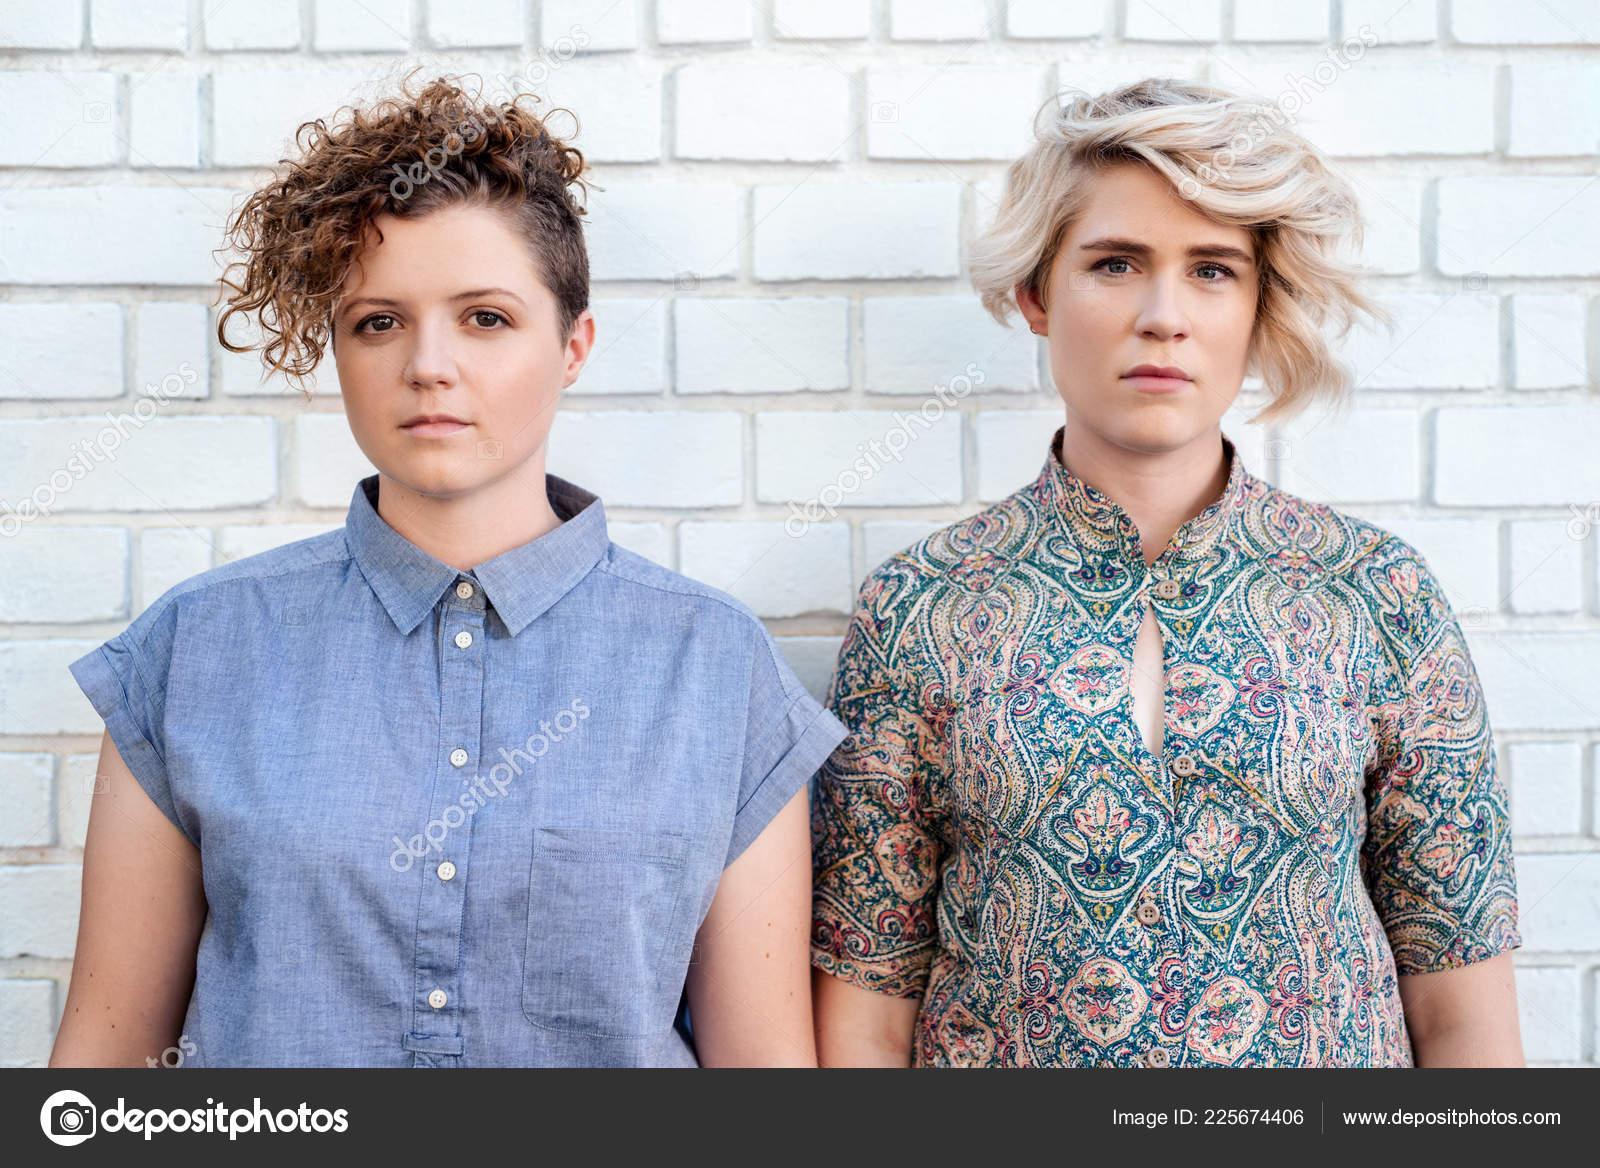 Vysoká škola lesbičky obrázky